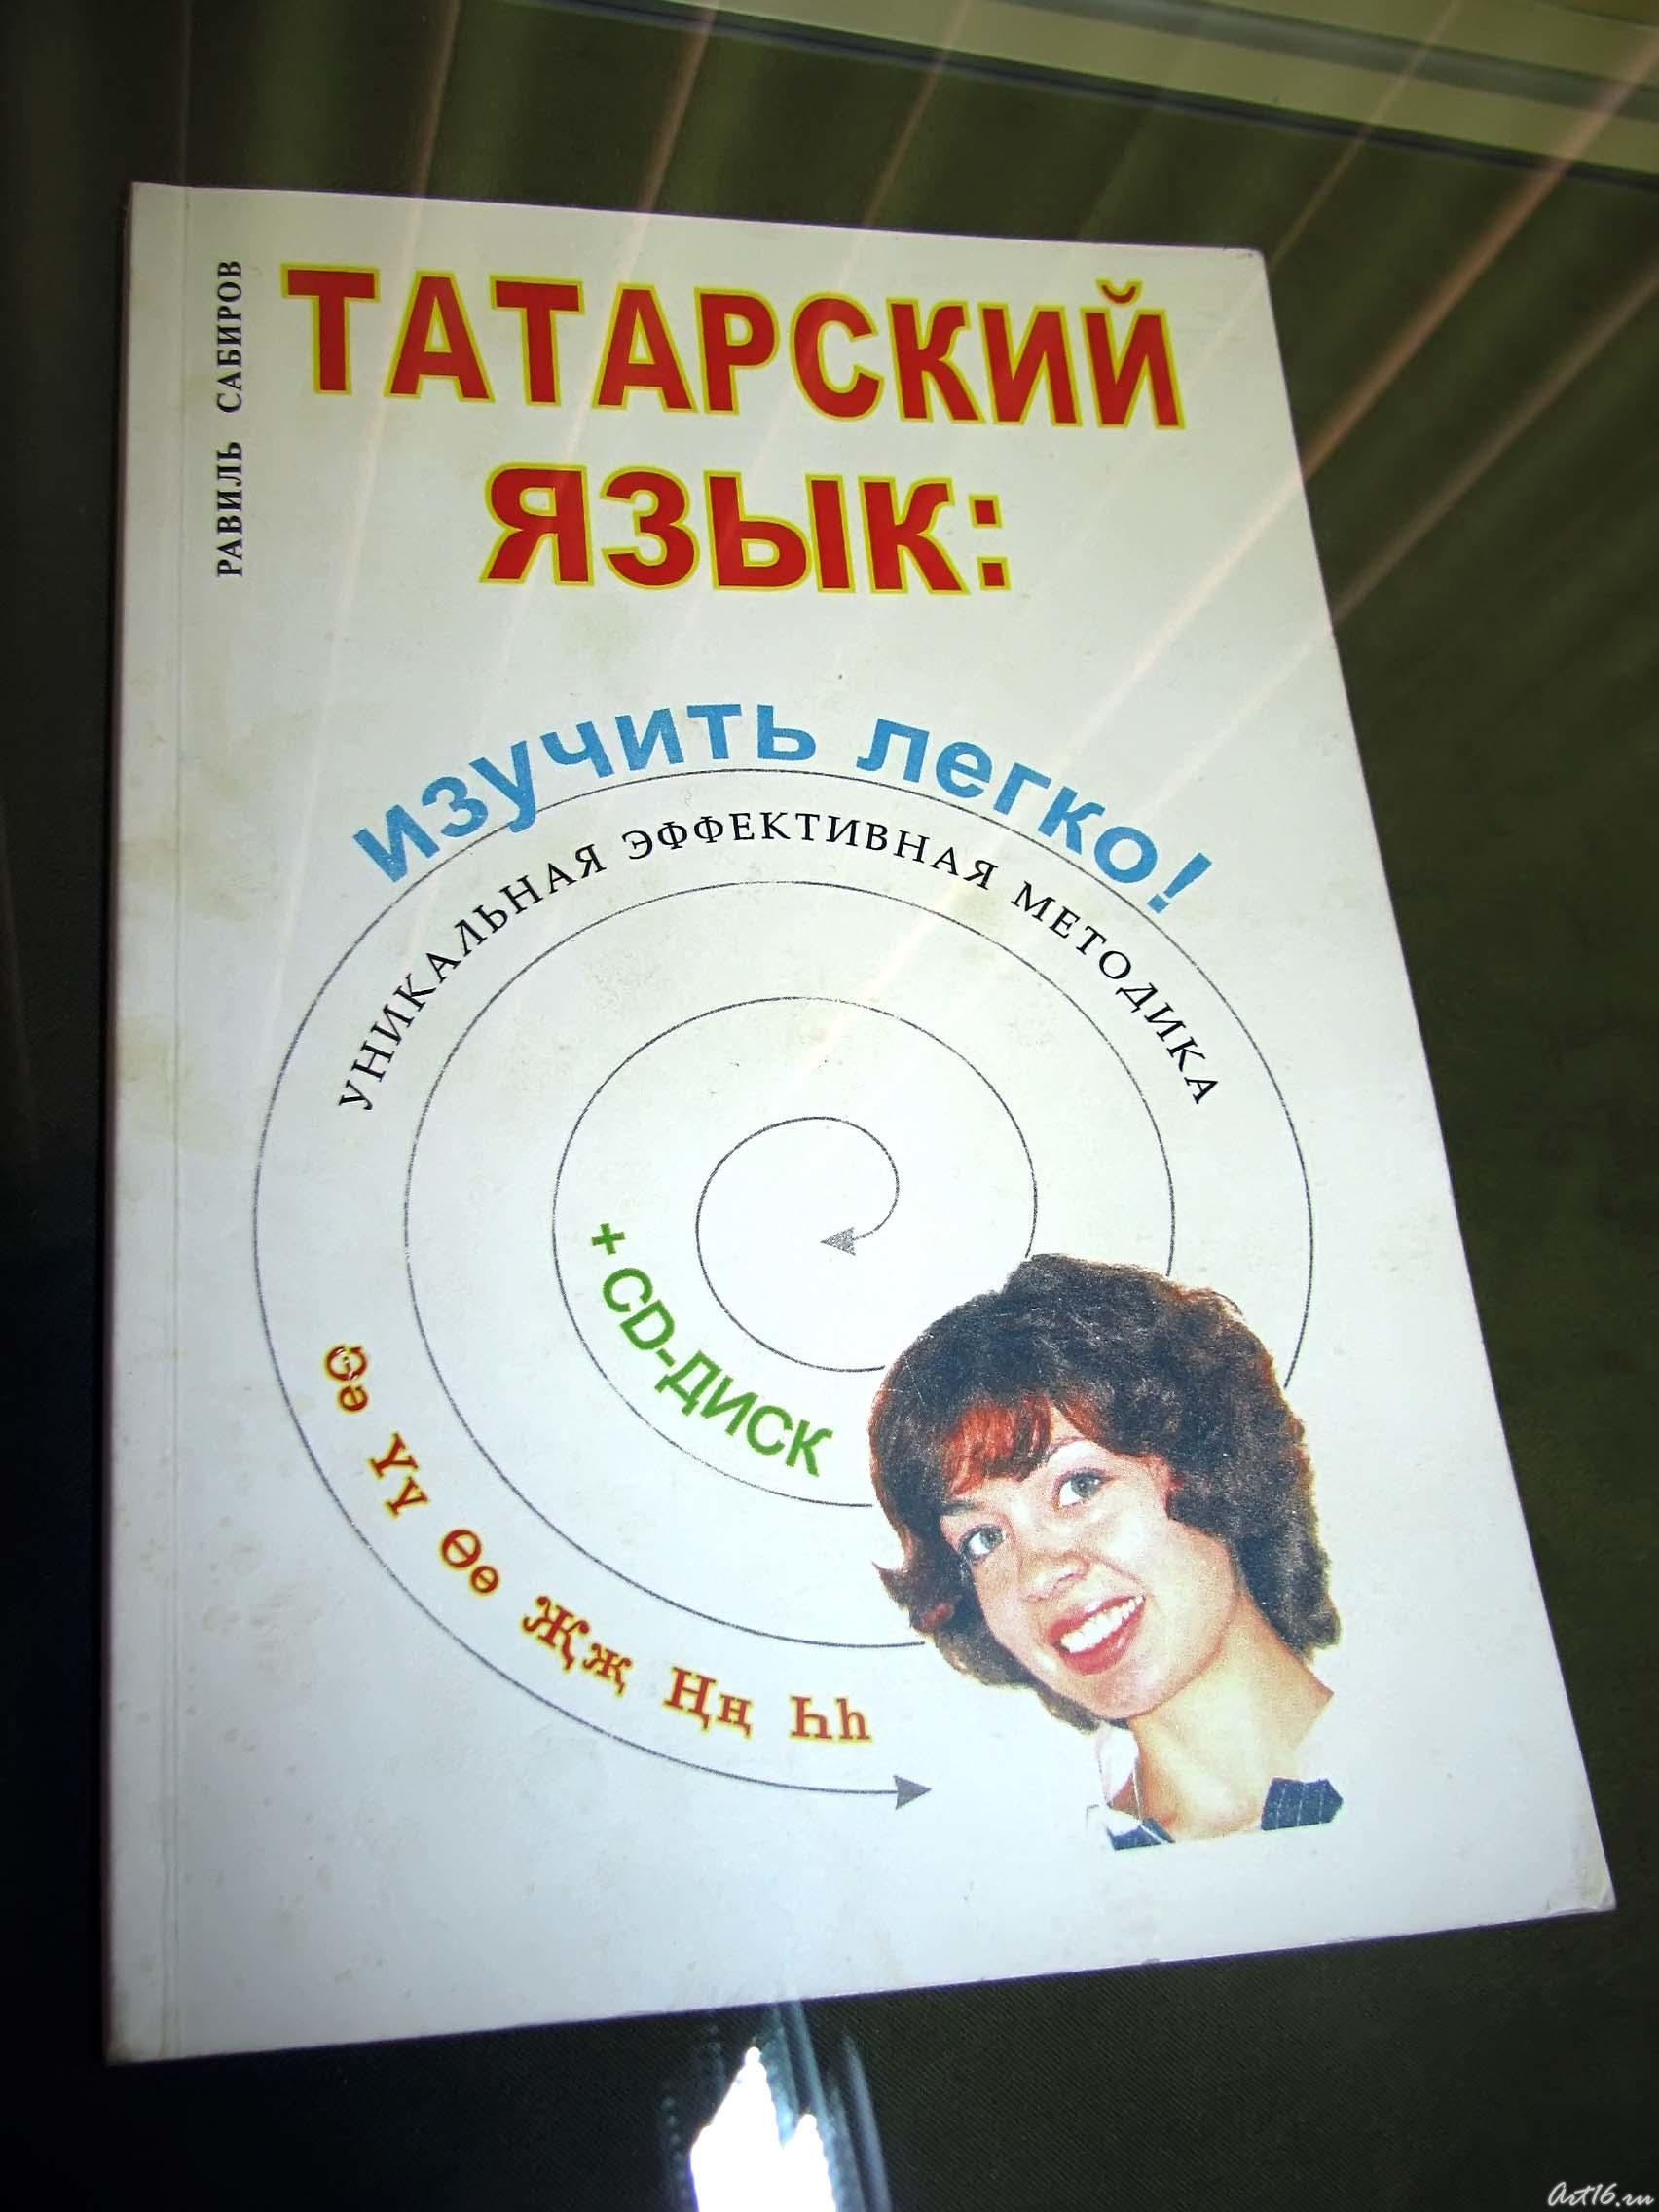 гдз по татарскому языку 6 класс юсупов